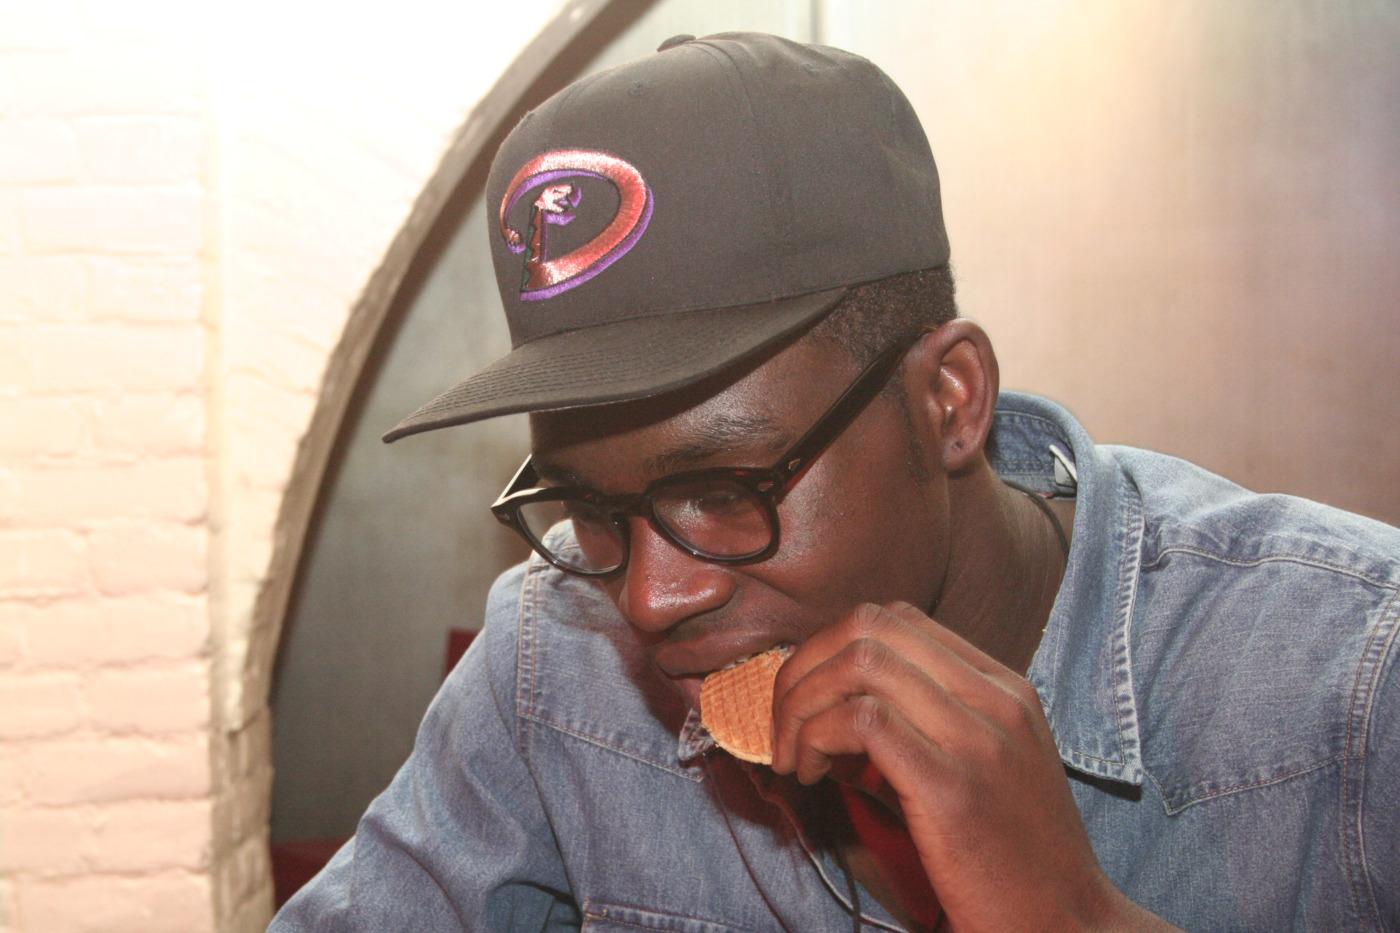 O sujeito acima mastigando um biscoito e usando óculos de grau não pode ser  considerado um rapper comum. De fato, Theophilus London foge ao  comportamento, ... 30003250b9